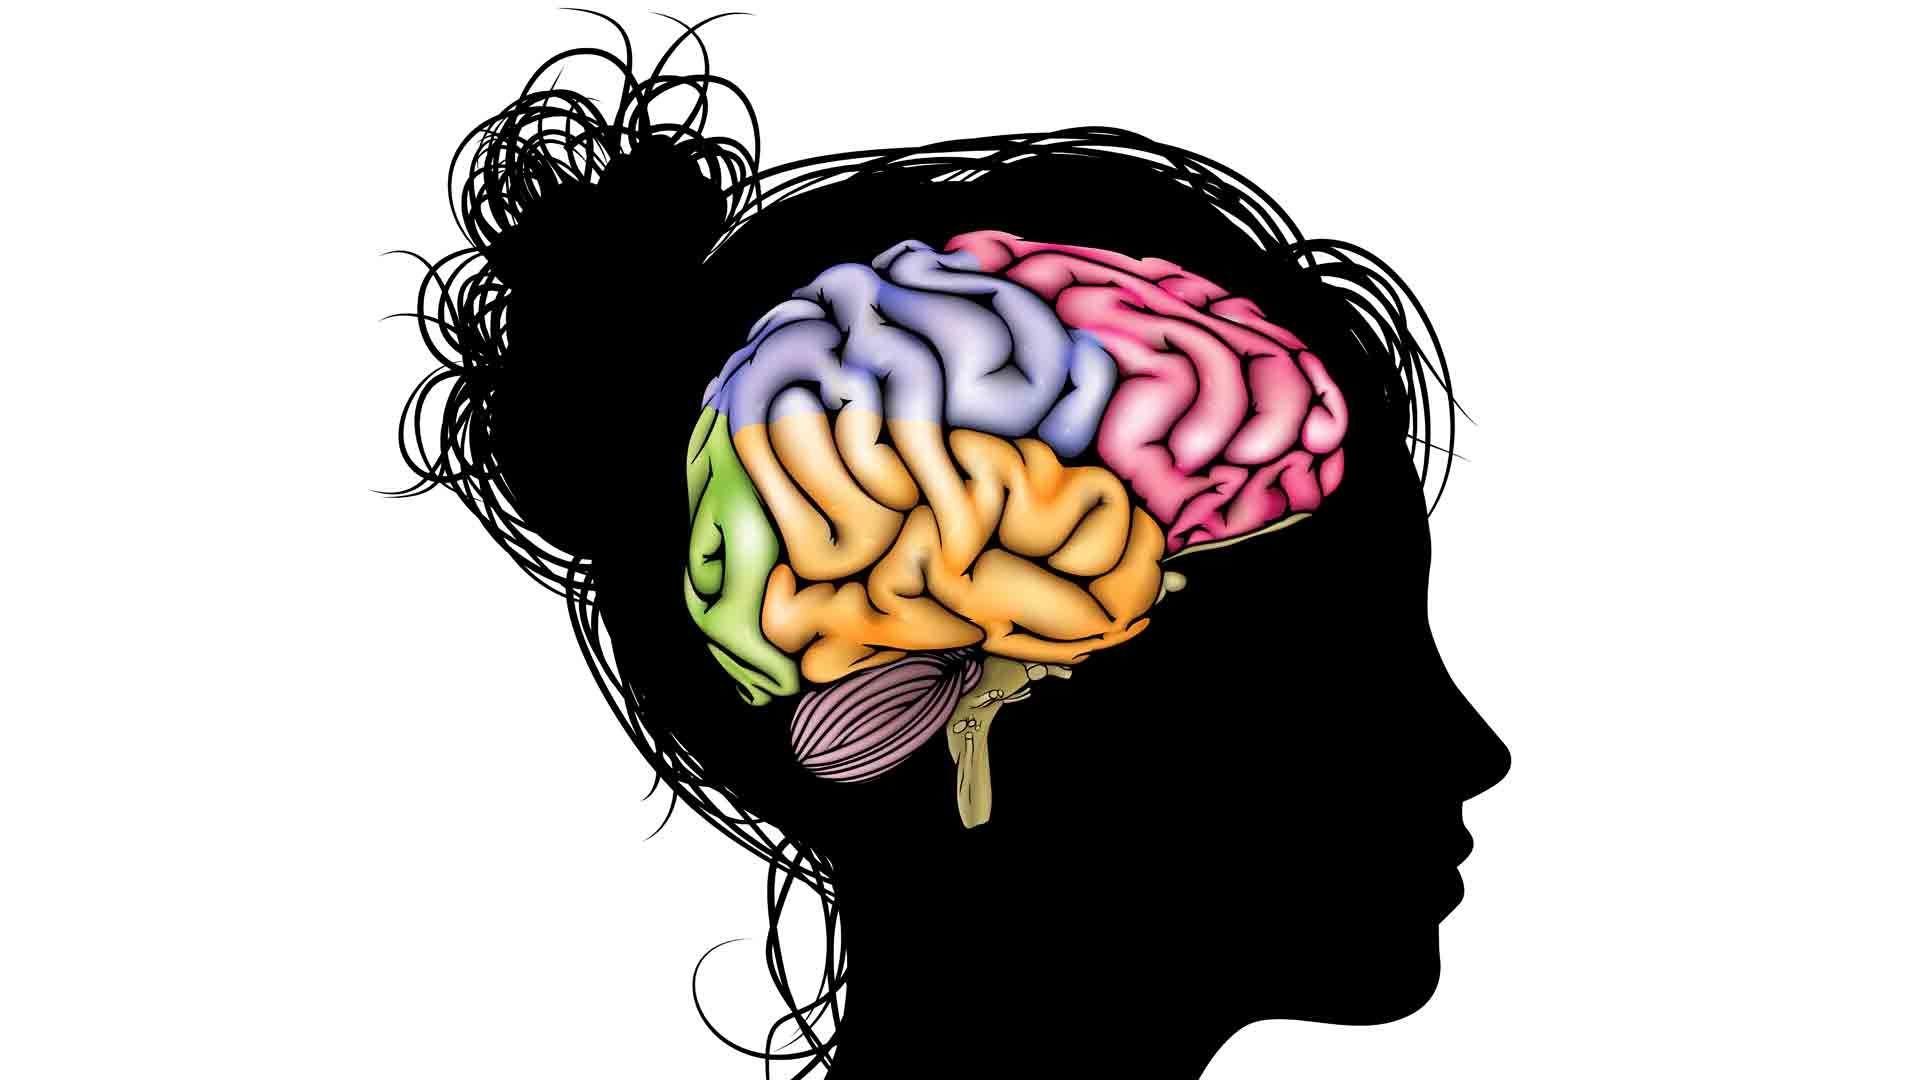 Resultado de imagen para brain